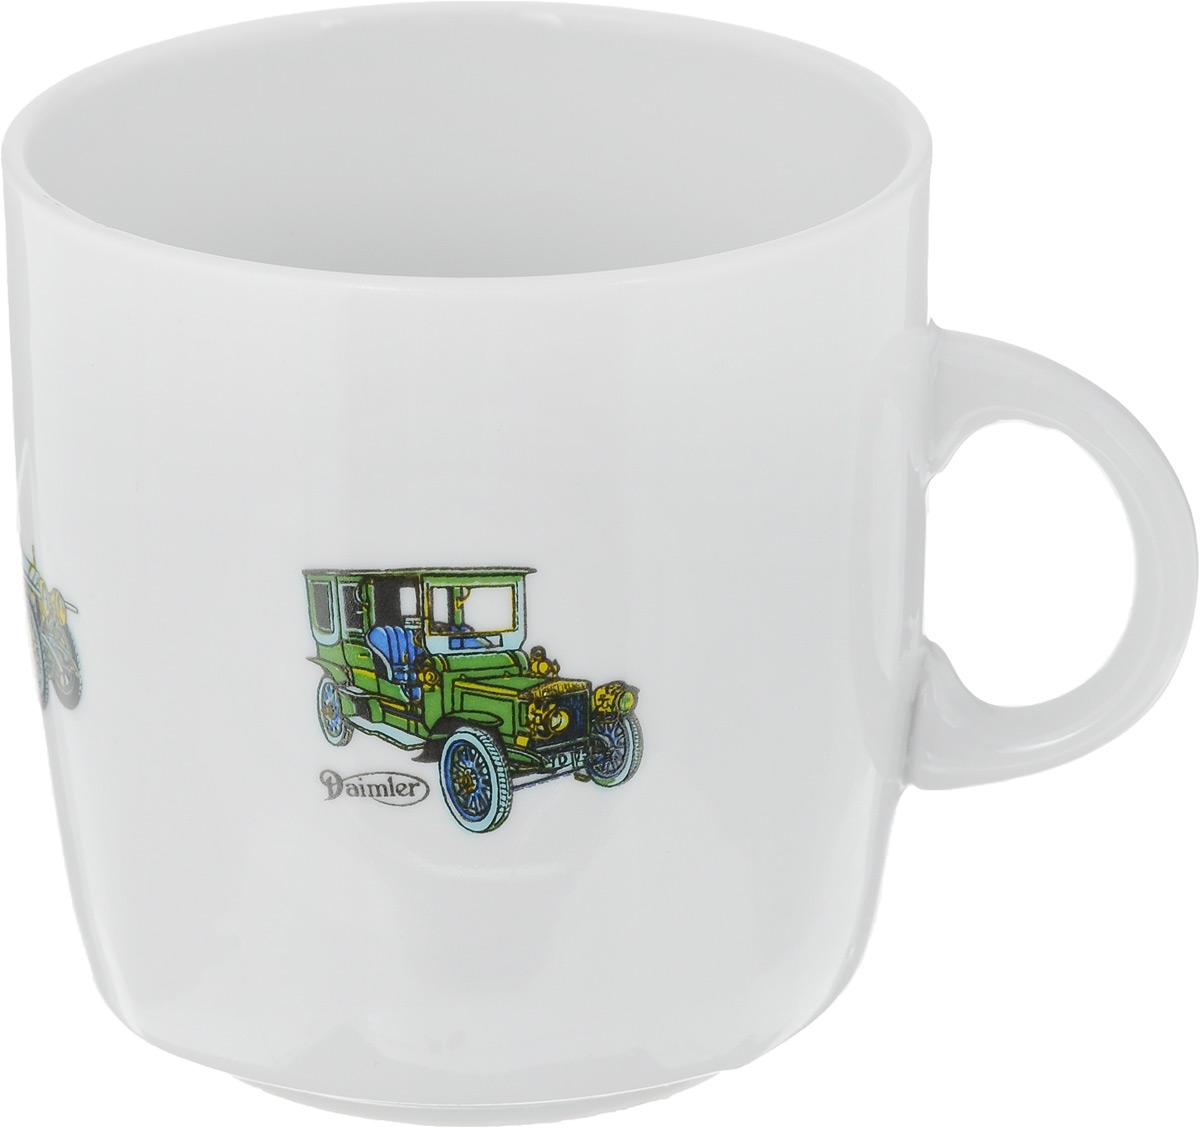 Кружка Фарфор Вербилок Маленькие машинки, цвет: белый, зеленый, синий, 210 мл8712720_белый, зеленый, синийКружка Фарфор Вербилок Маленькие машинки способна скрасить любое чаепитие. Изделие выполнено из высококачественного фарфора. Посуда из такого материала позволяет сохранить истинный вкус напитка, а также помогает ему дольше оставаться теплым.Диаметр кружки (по верхнему краю): 7 см. Высота кружки: 7,5 см.